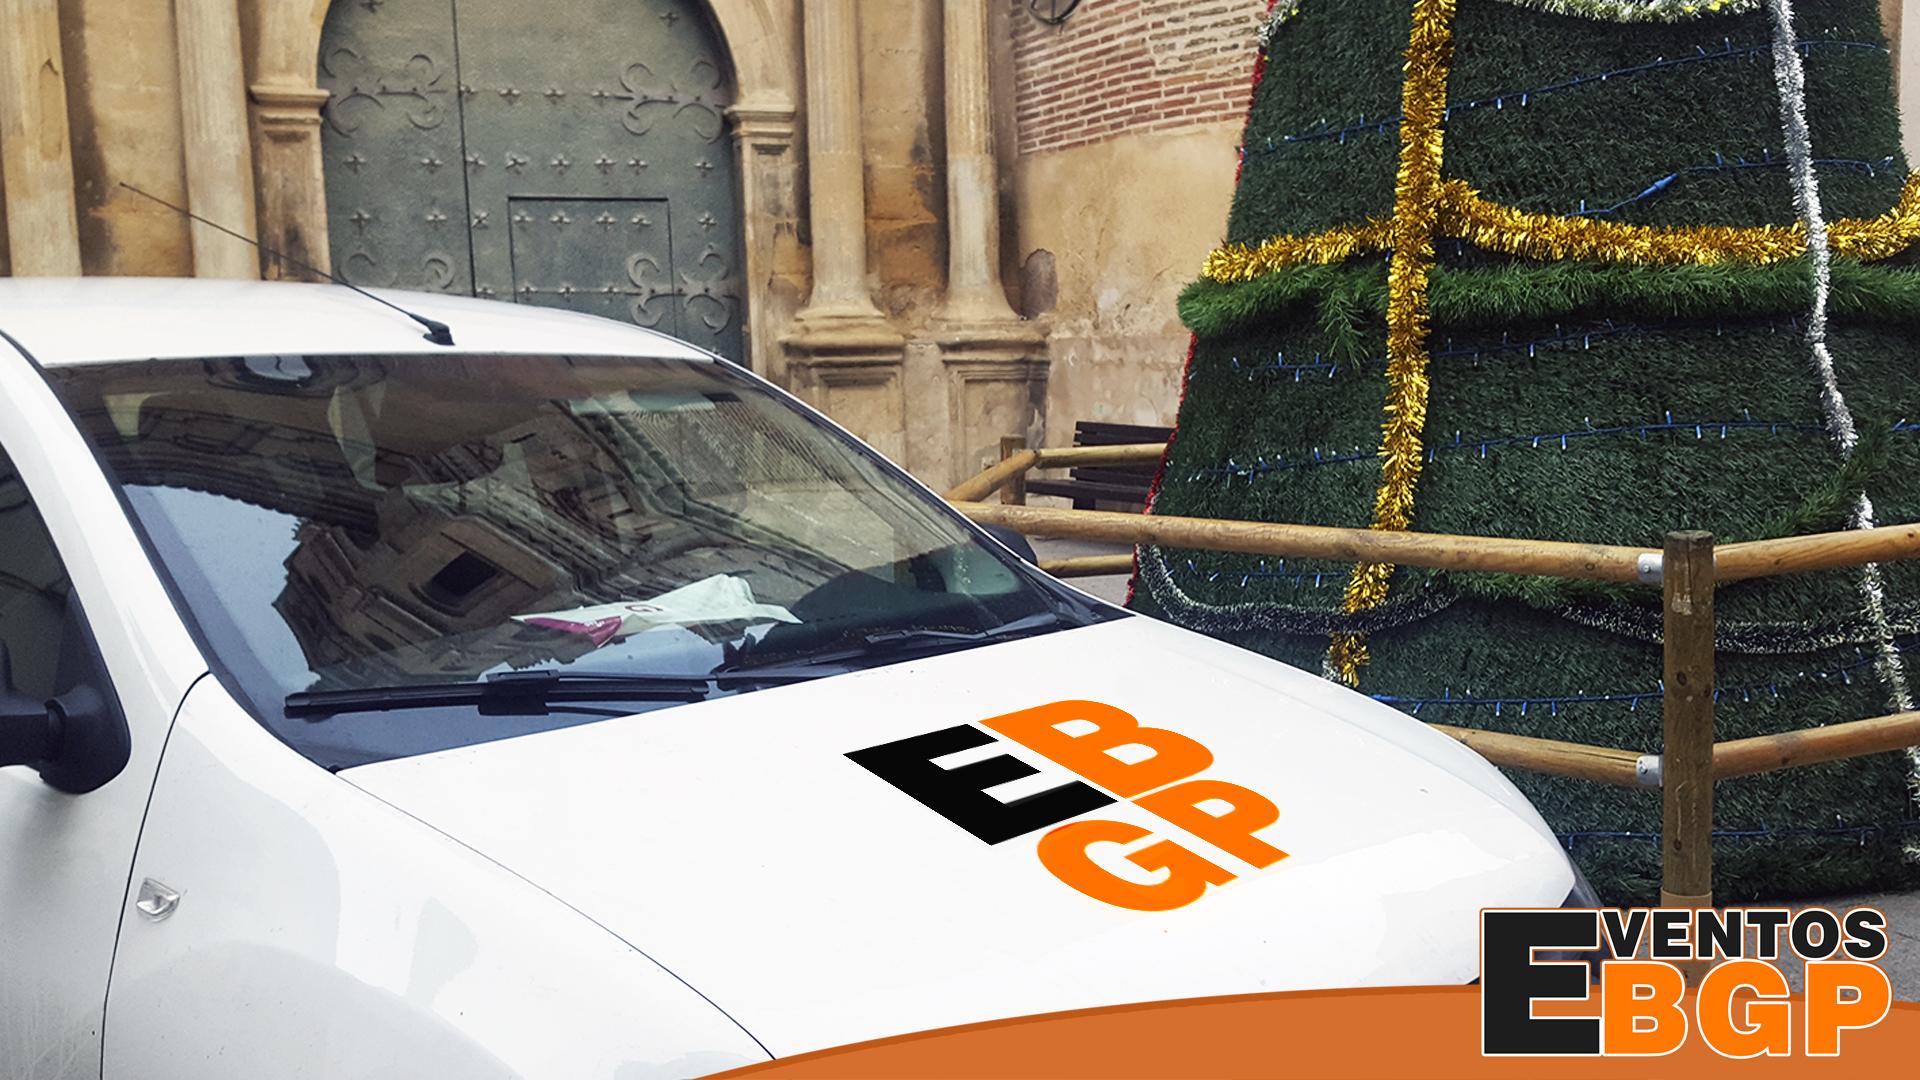 Evento de Navidad y animación con videojuegos en Eventos BGP.